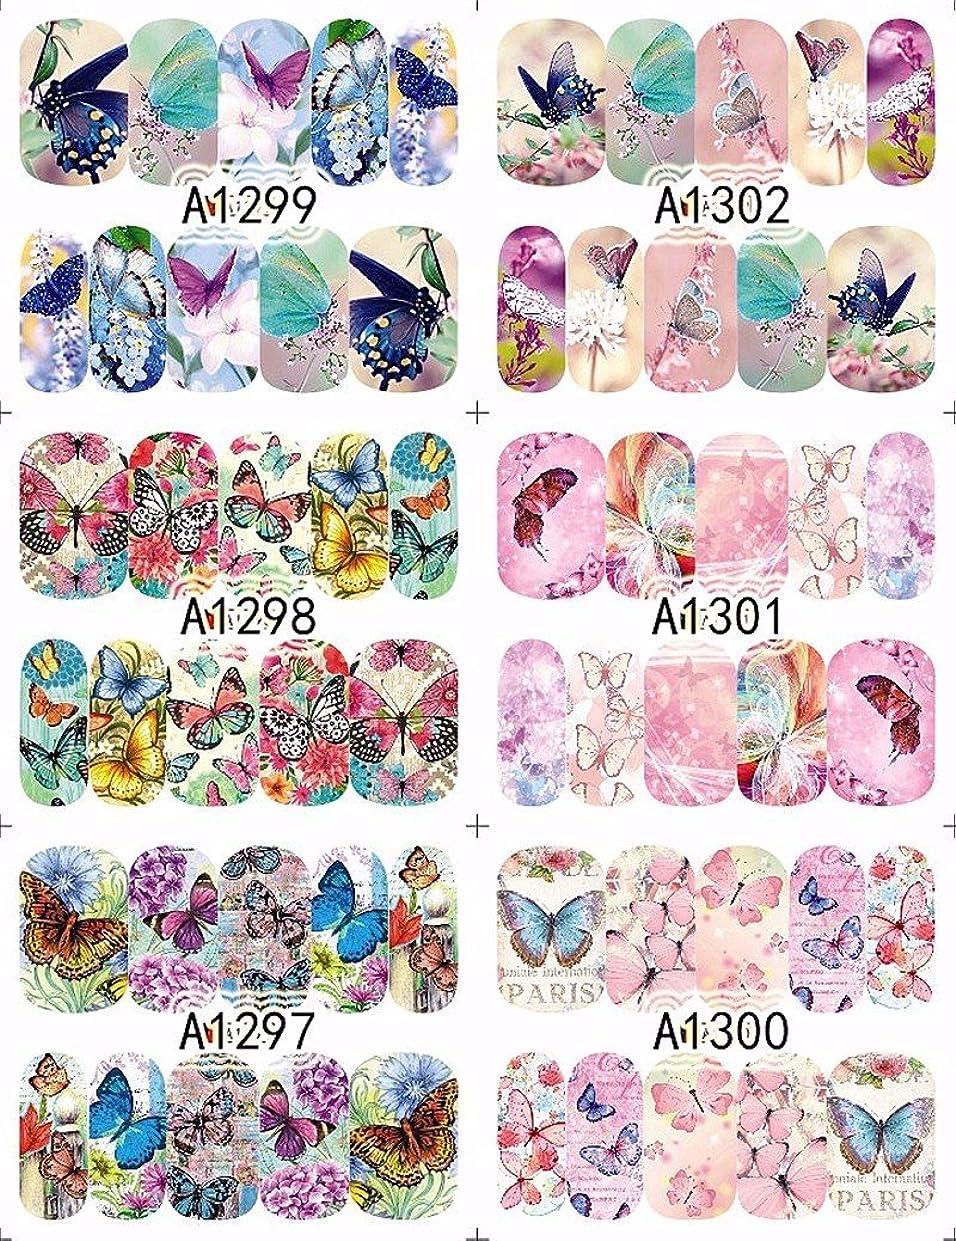 発行テラスソース12 sheets water decal nail art nail sticker slider tattoo full Cover COLORFUL BUTTERFLIES Decals manicure supplies A1297-1308